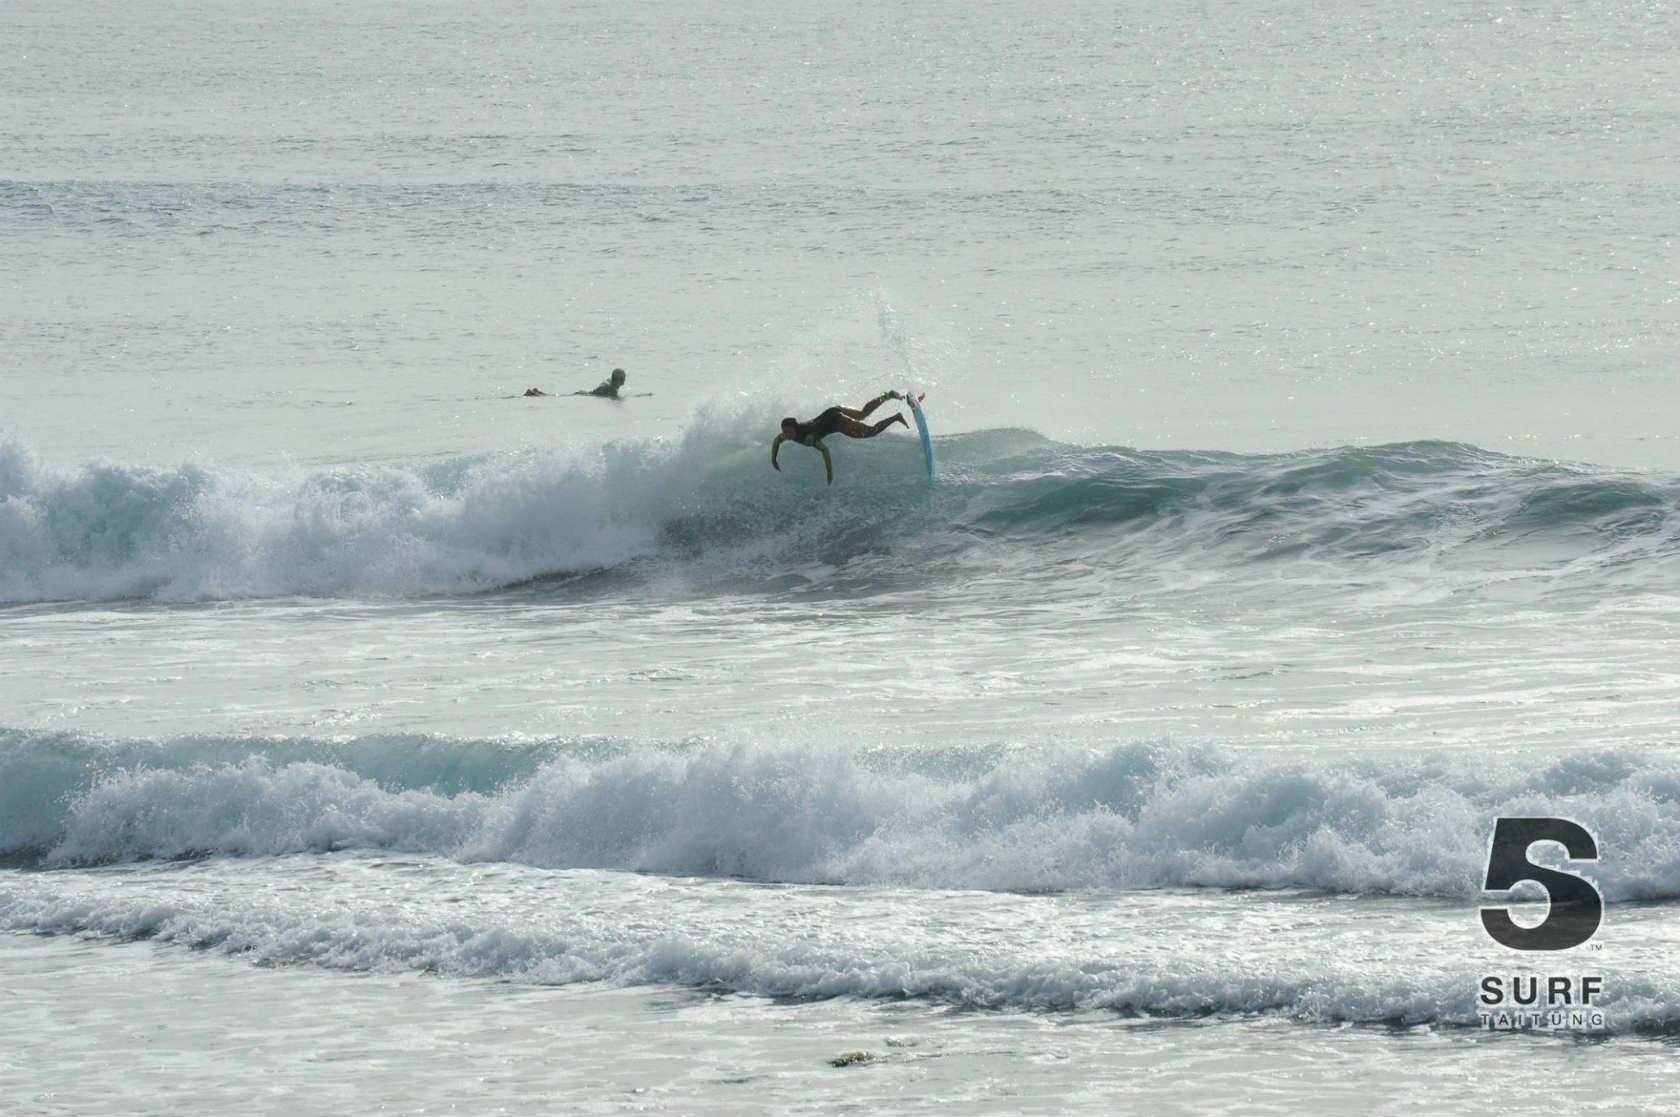 東台湾 サーフィン サーフトリップ